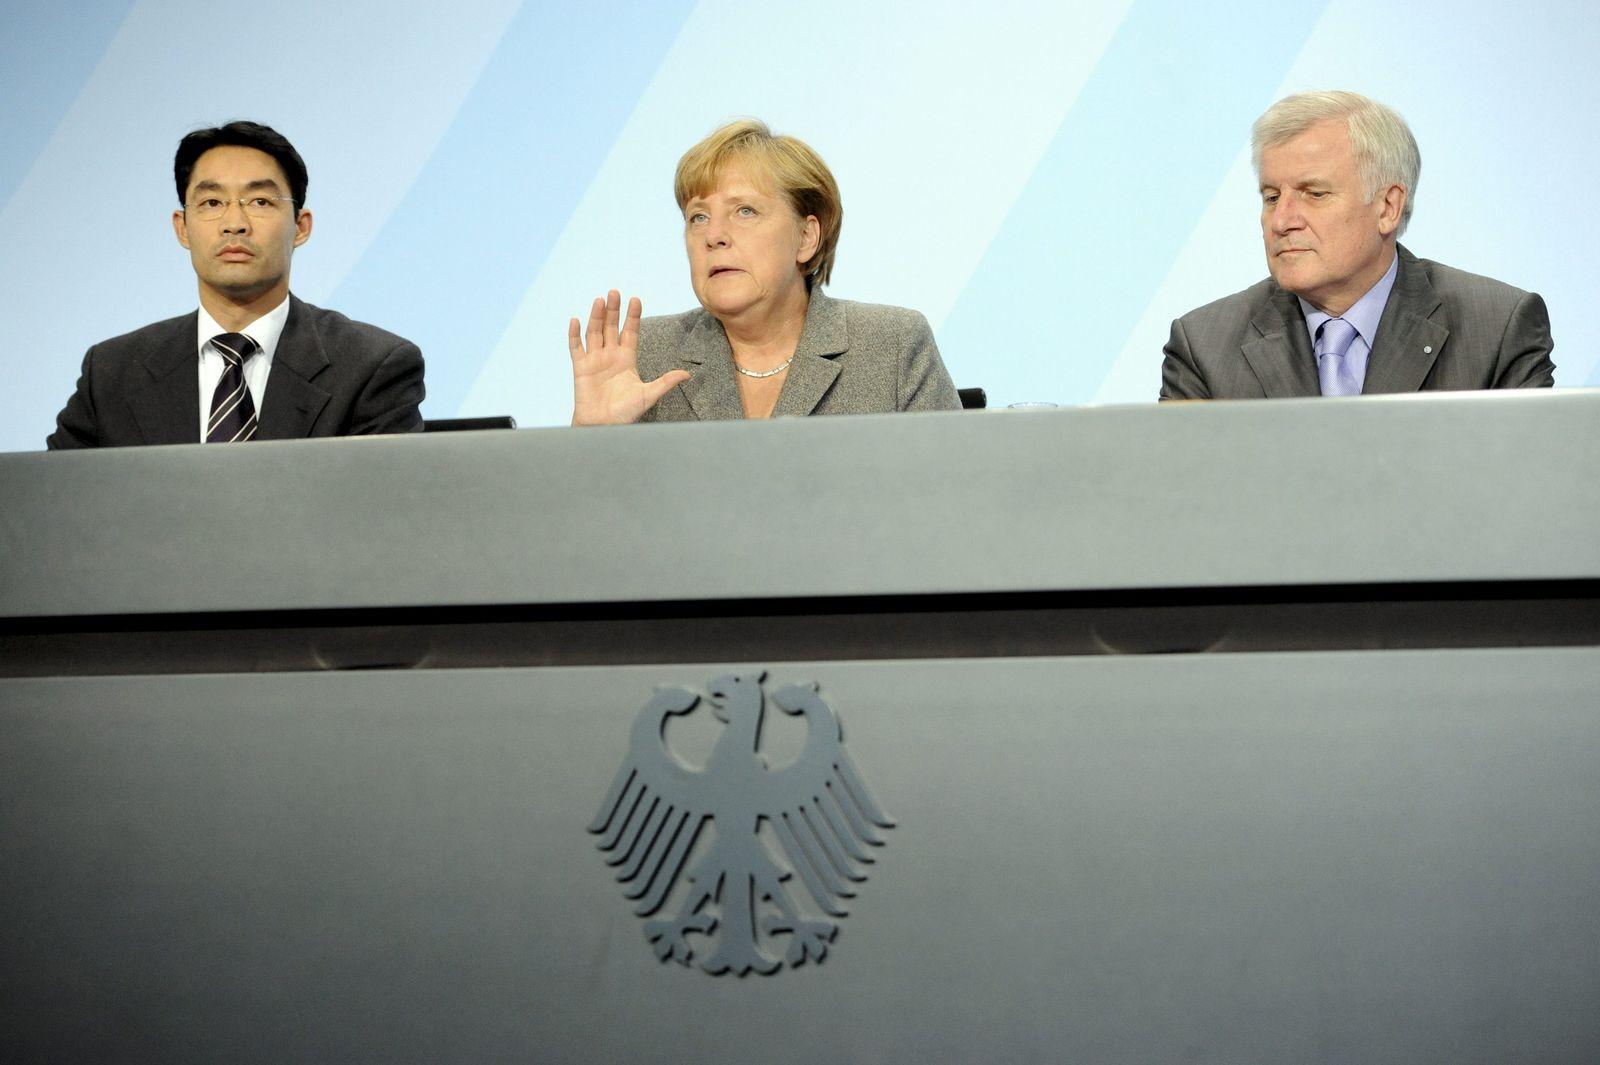 Koalitionsgipfel (Rössler, Merkel, Seehofer)